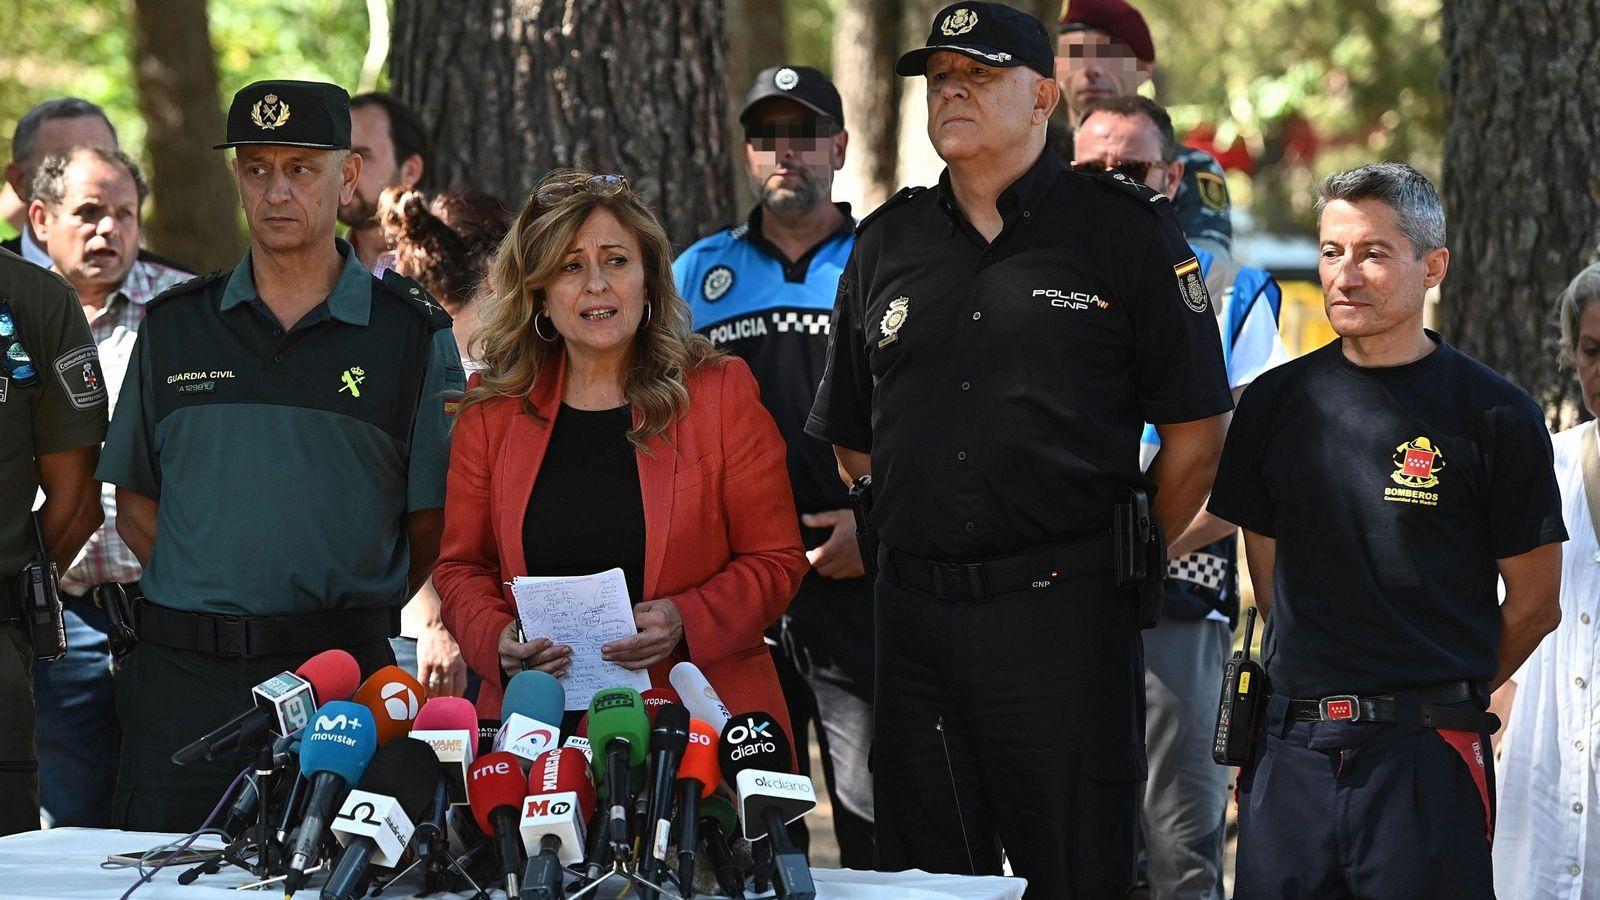 Foto: La delegada del Gobierno, María Paz García Vera, en la rueda de prensa que ofreció el miércoles tras hacerse oficial el hallazgo del cuerpo. (EFE)